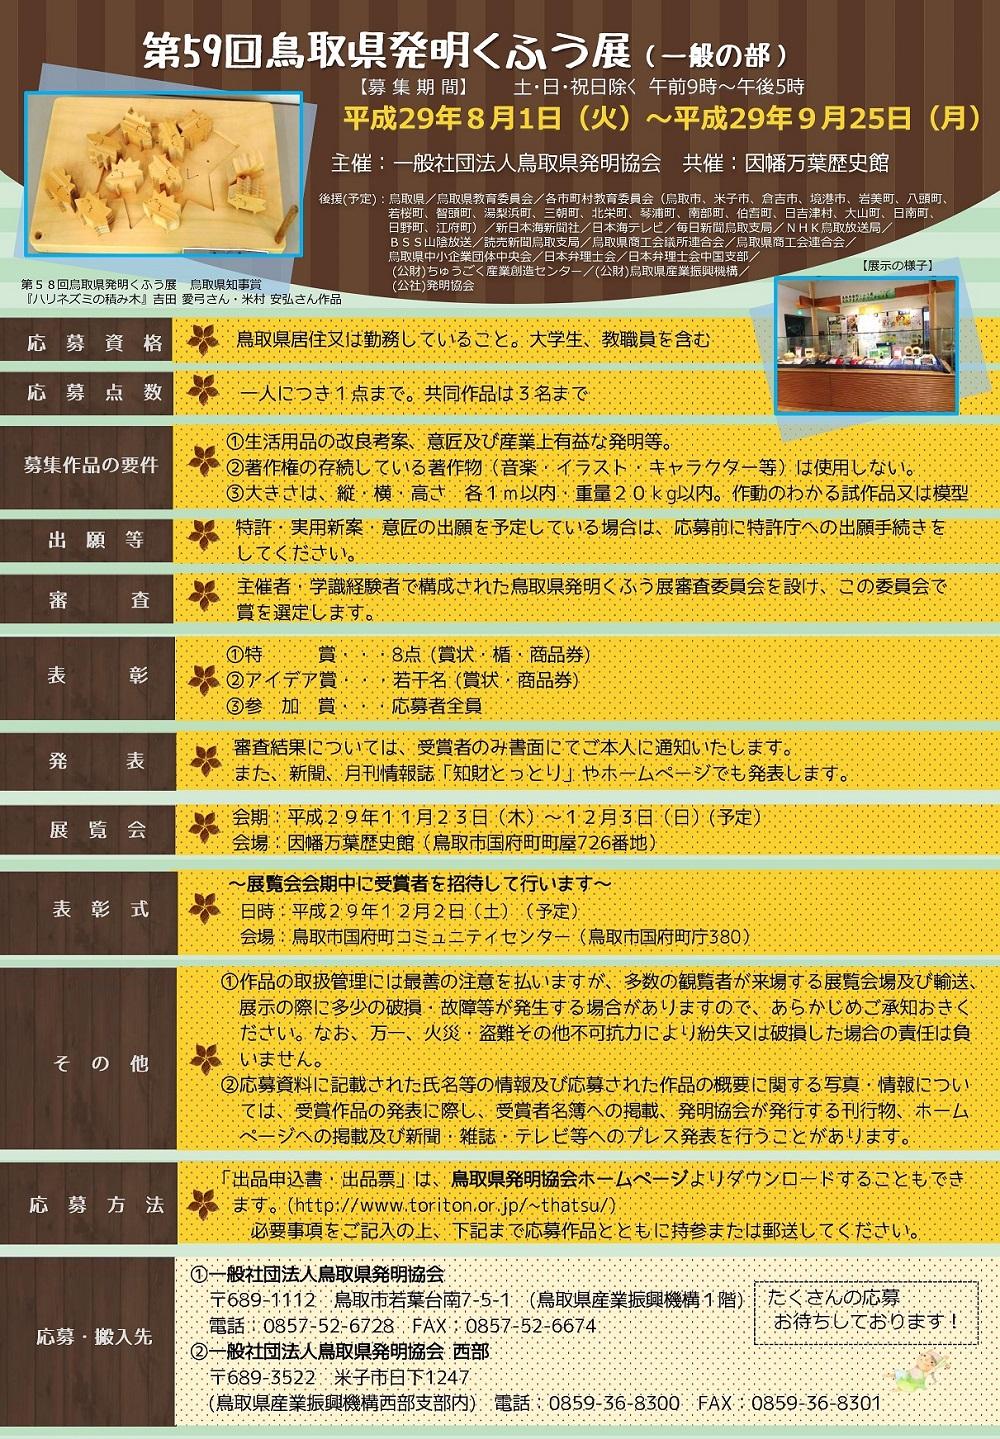 【9/25(月)〆切です!】「第59回鳥取県発明くふう展」 (一般の部) 作品募集開始しました!